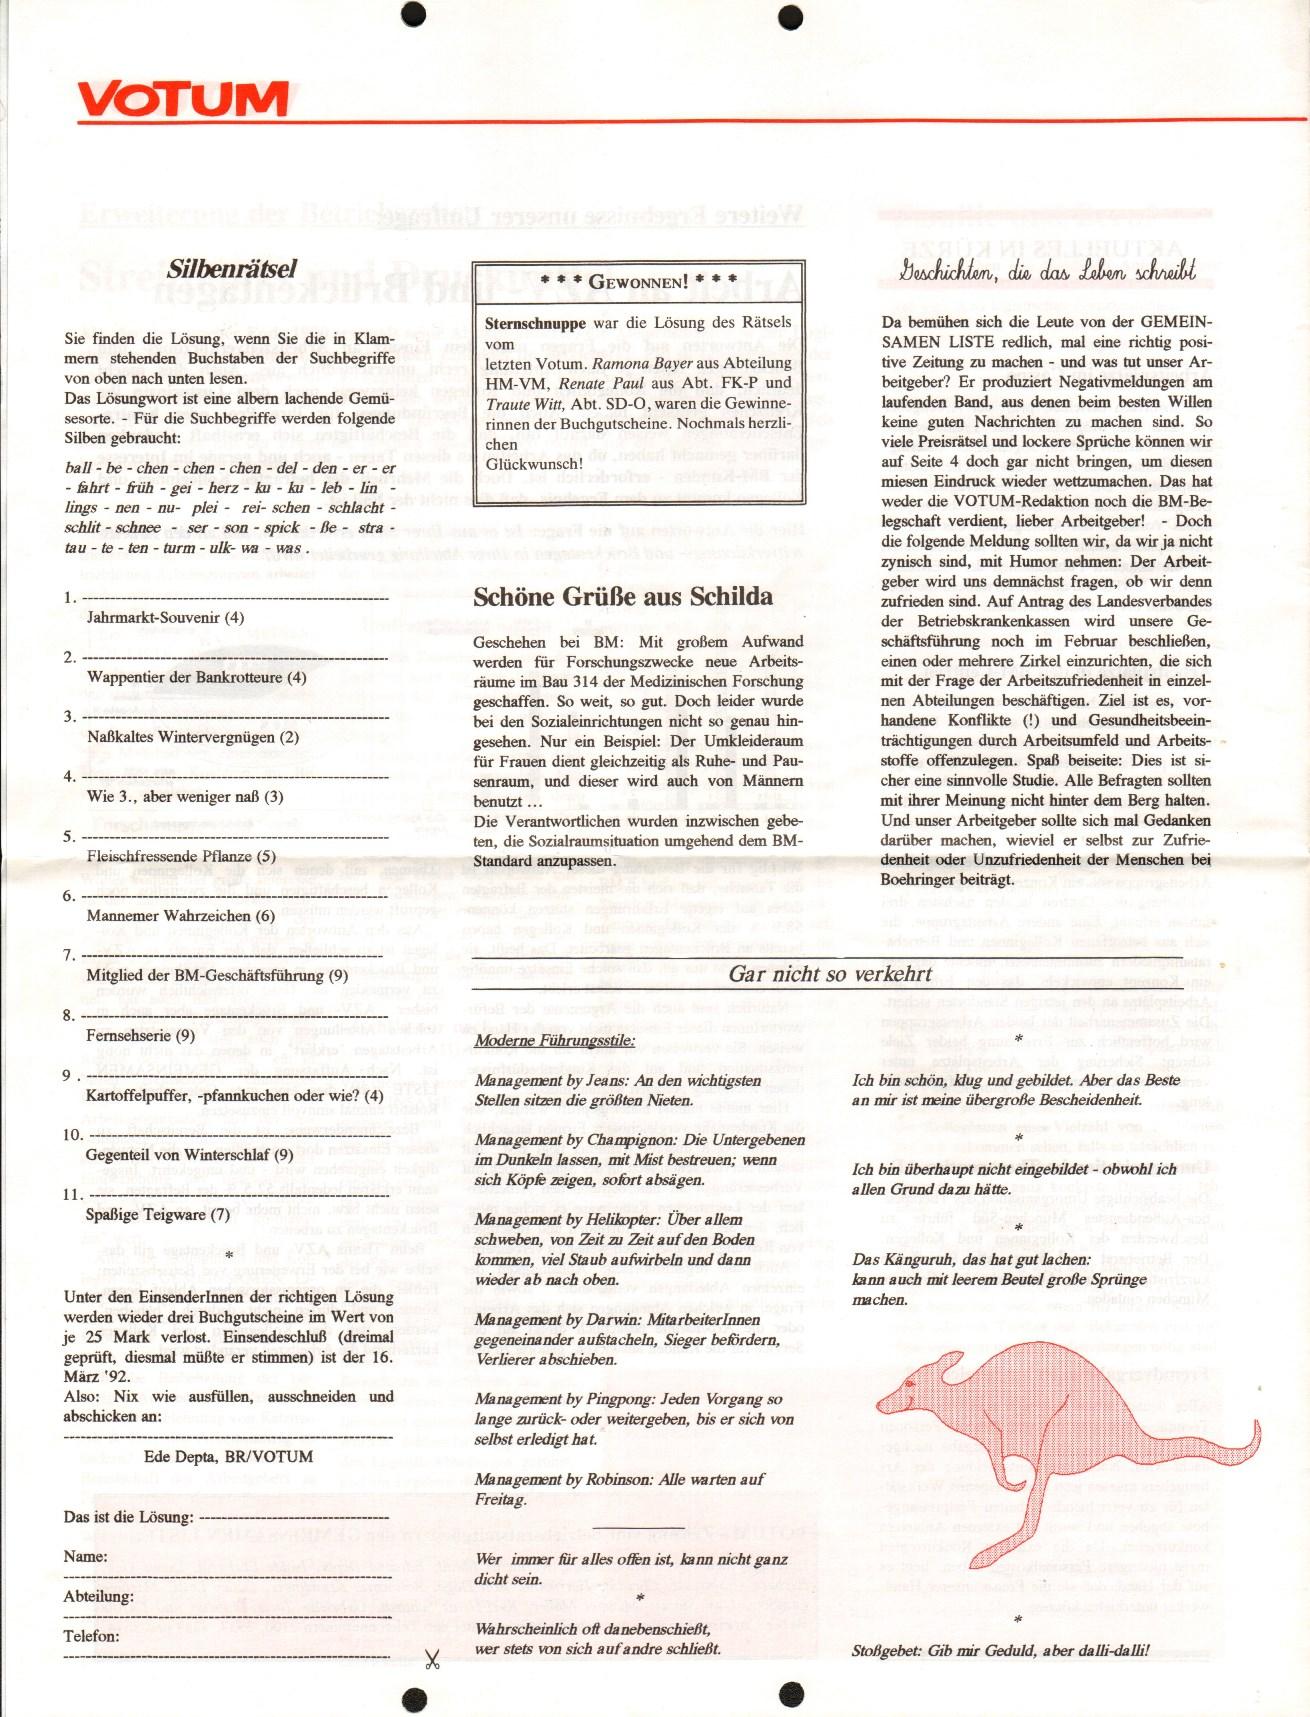 Mannheim_Boehringer_Gemeinsame_Liste_1992_01_04